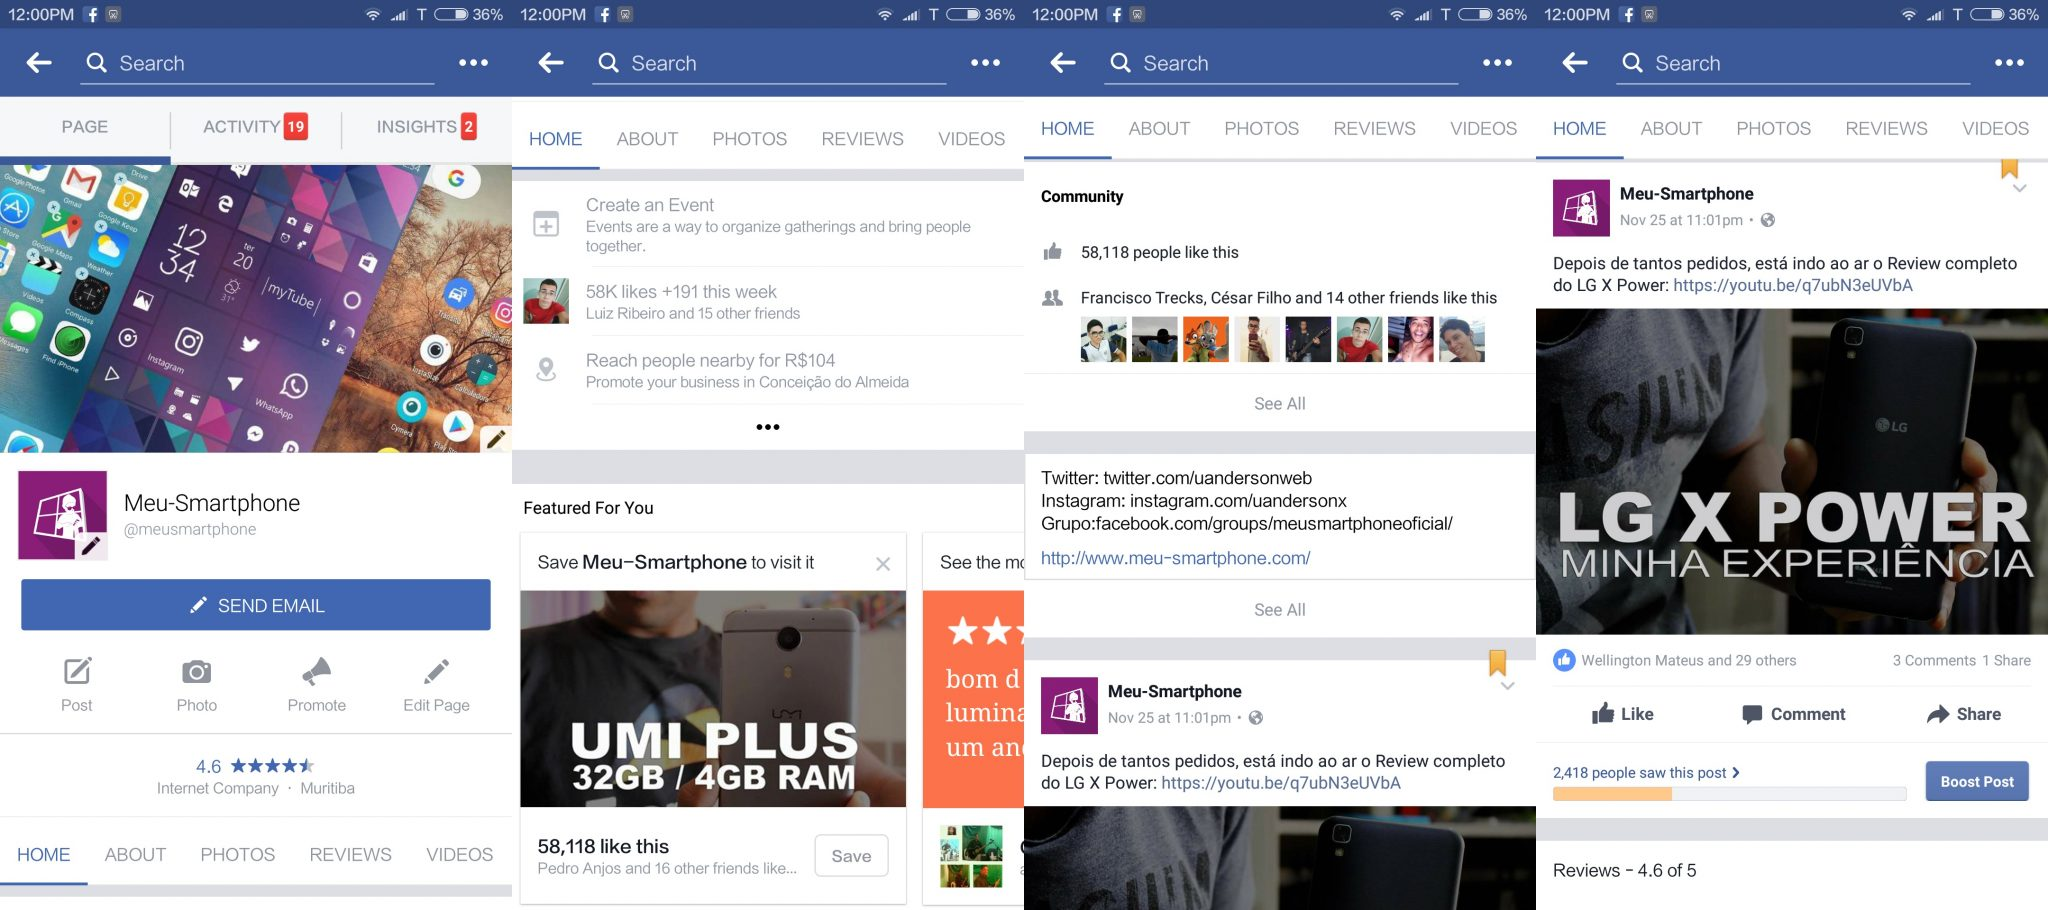 comparativo-facebook-2-15